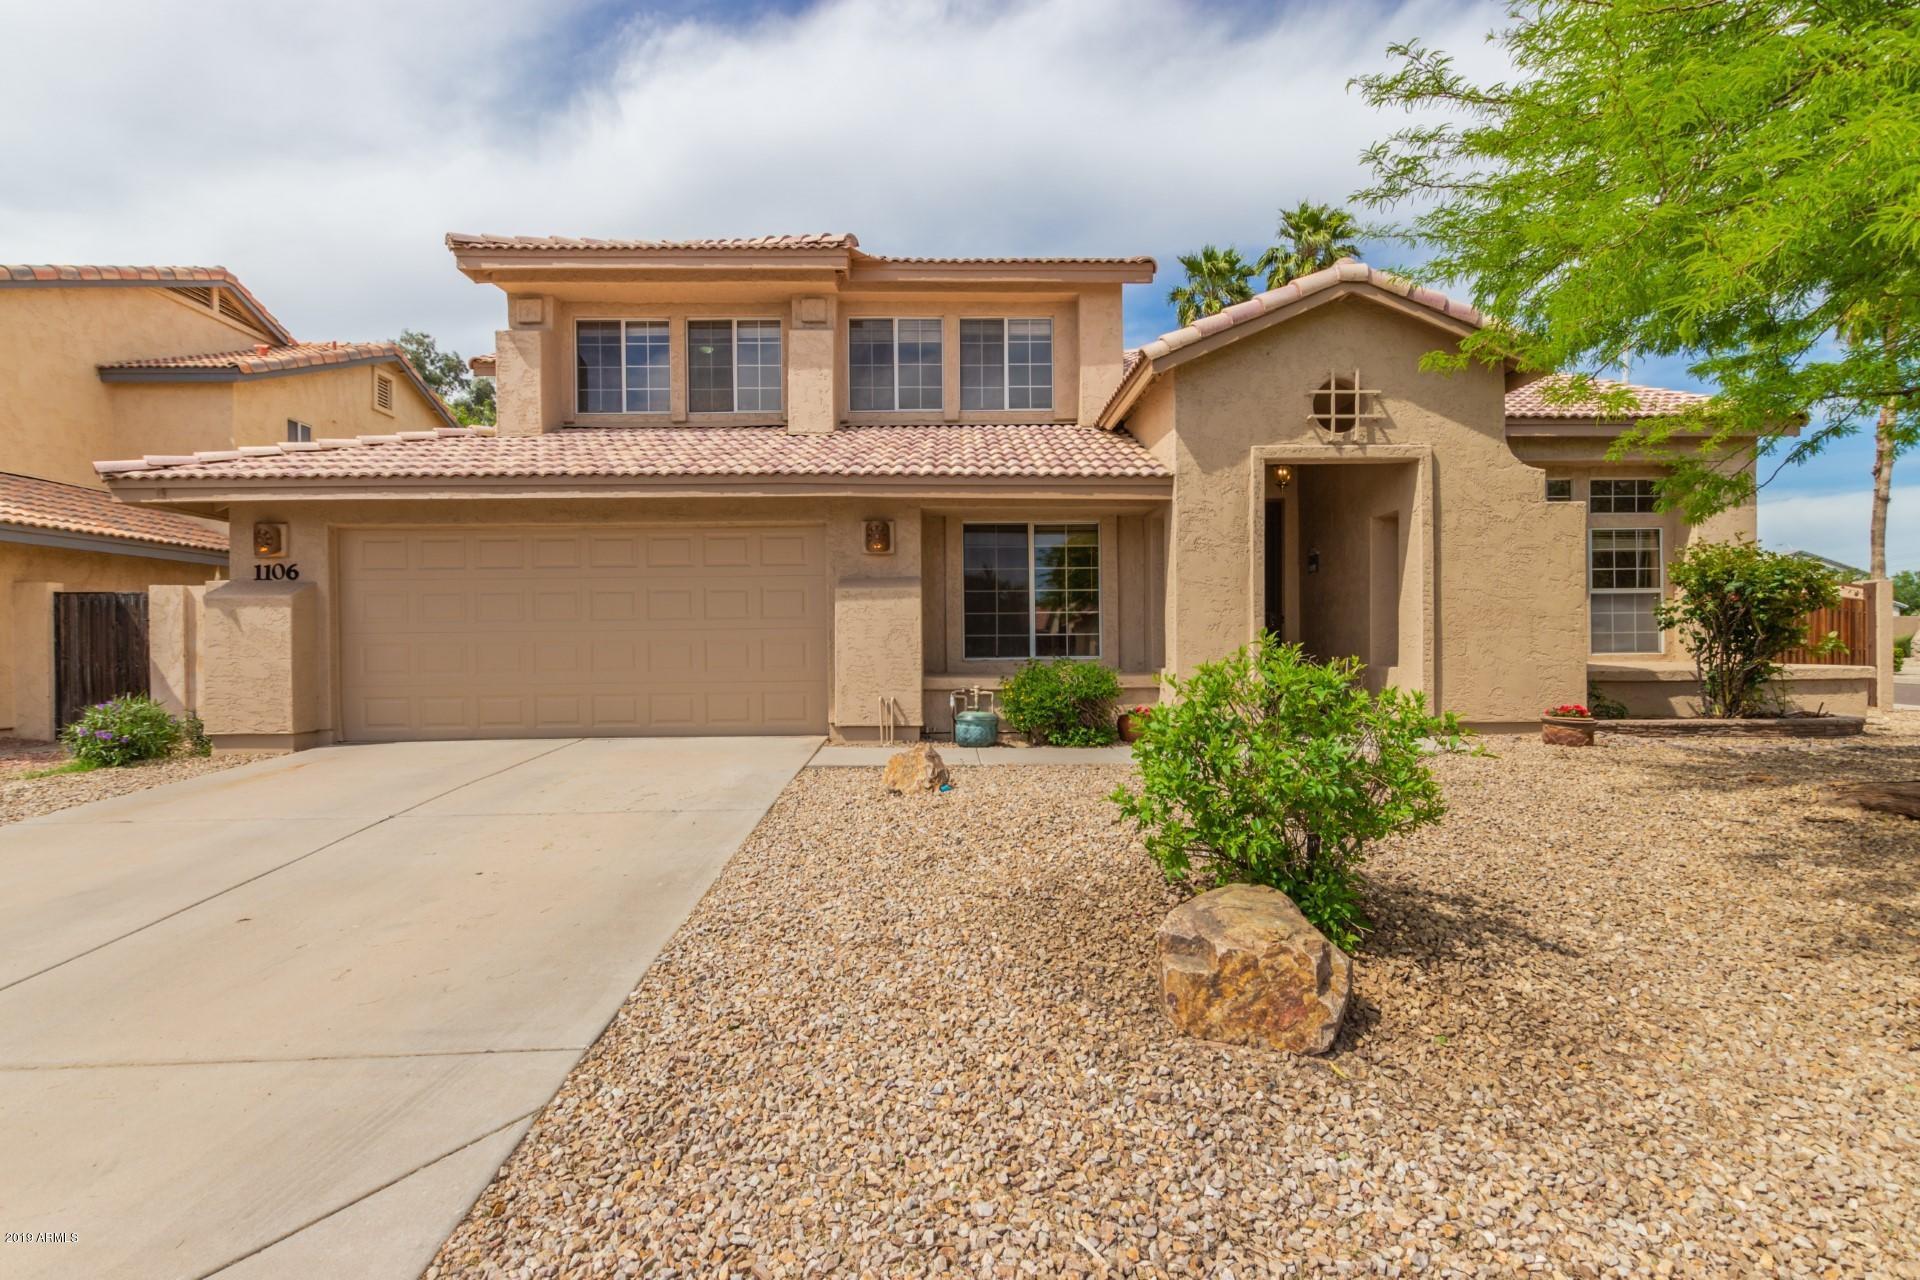 Photo of 1106 N MELODY Circle, Chandler, AZ 85225